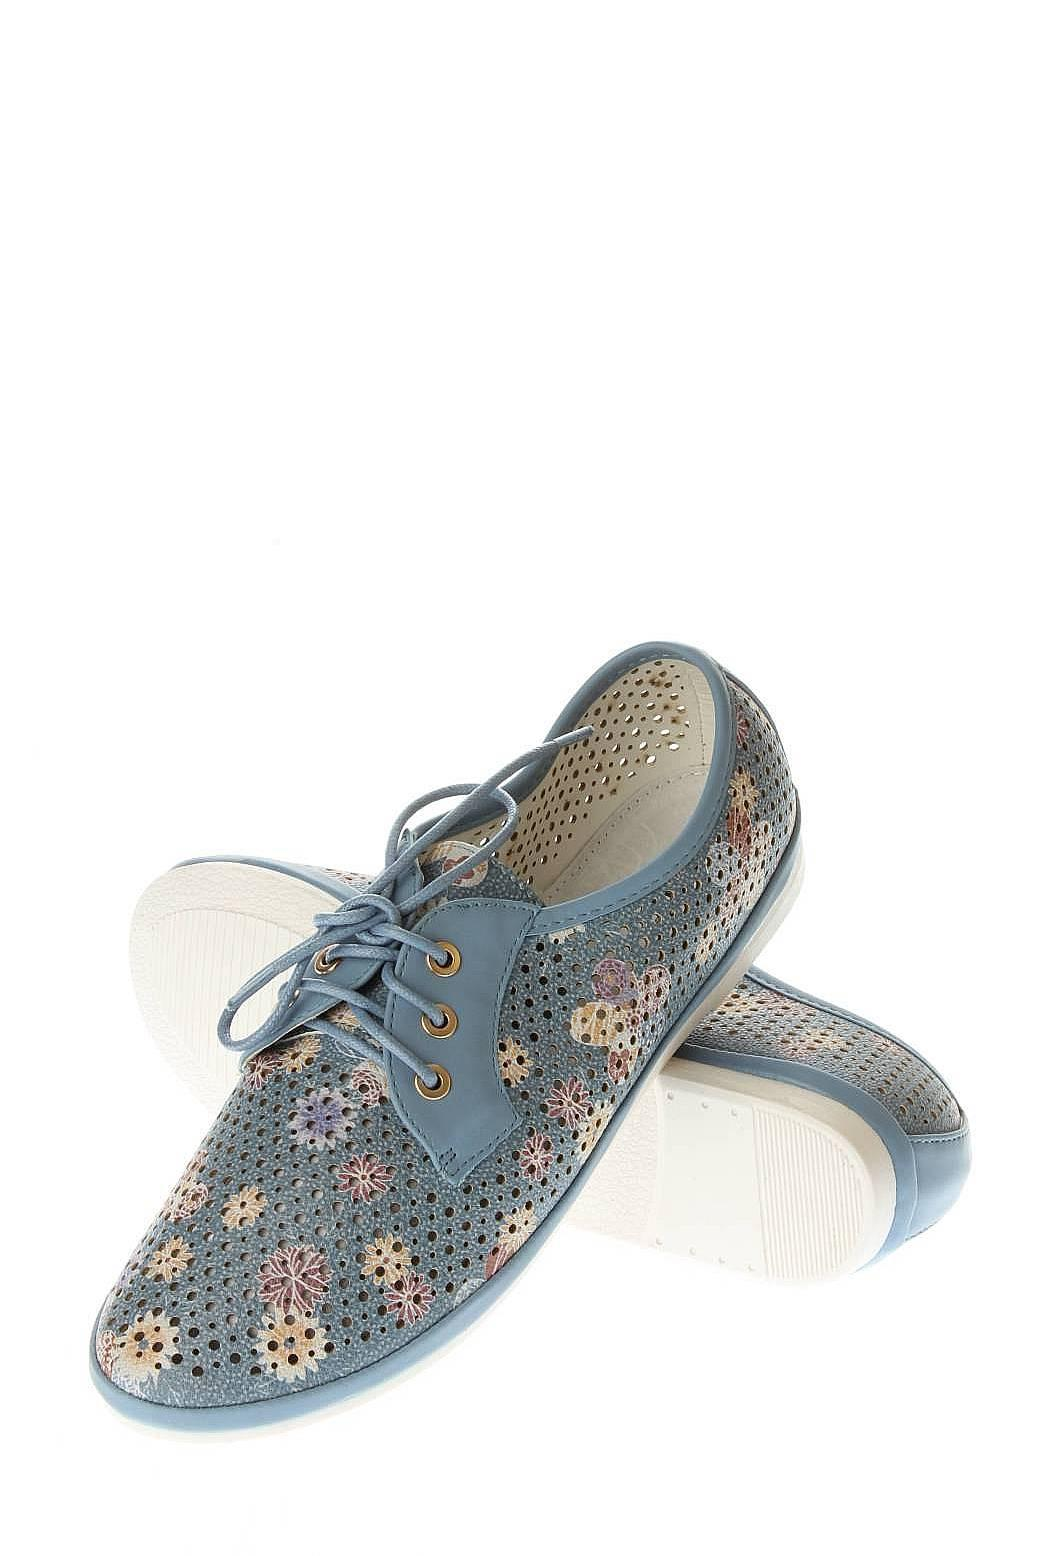 Мужская Обувь Детская Обувь Ботинки: BETSY Обувь